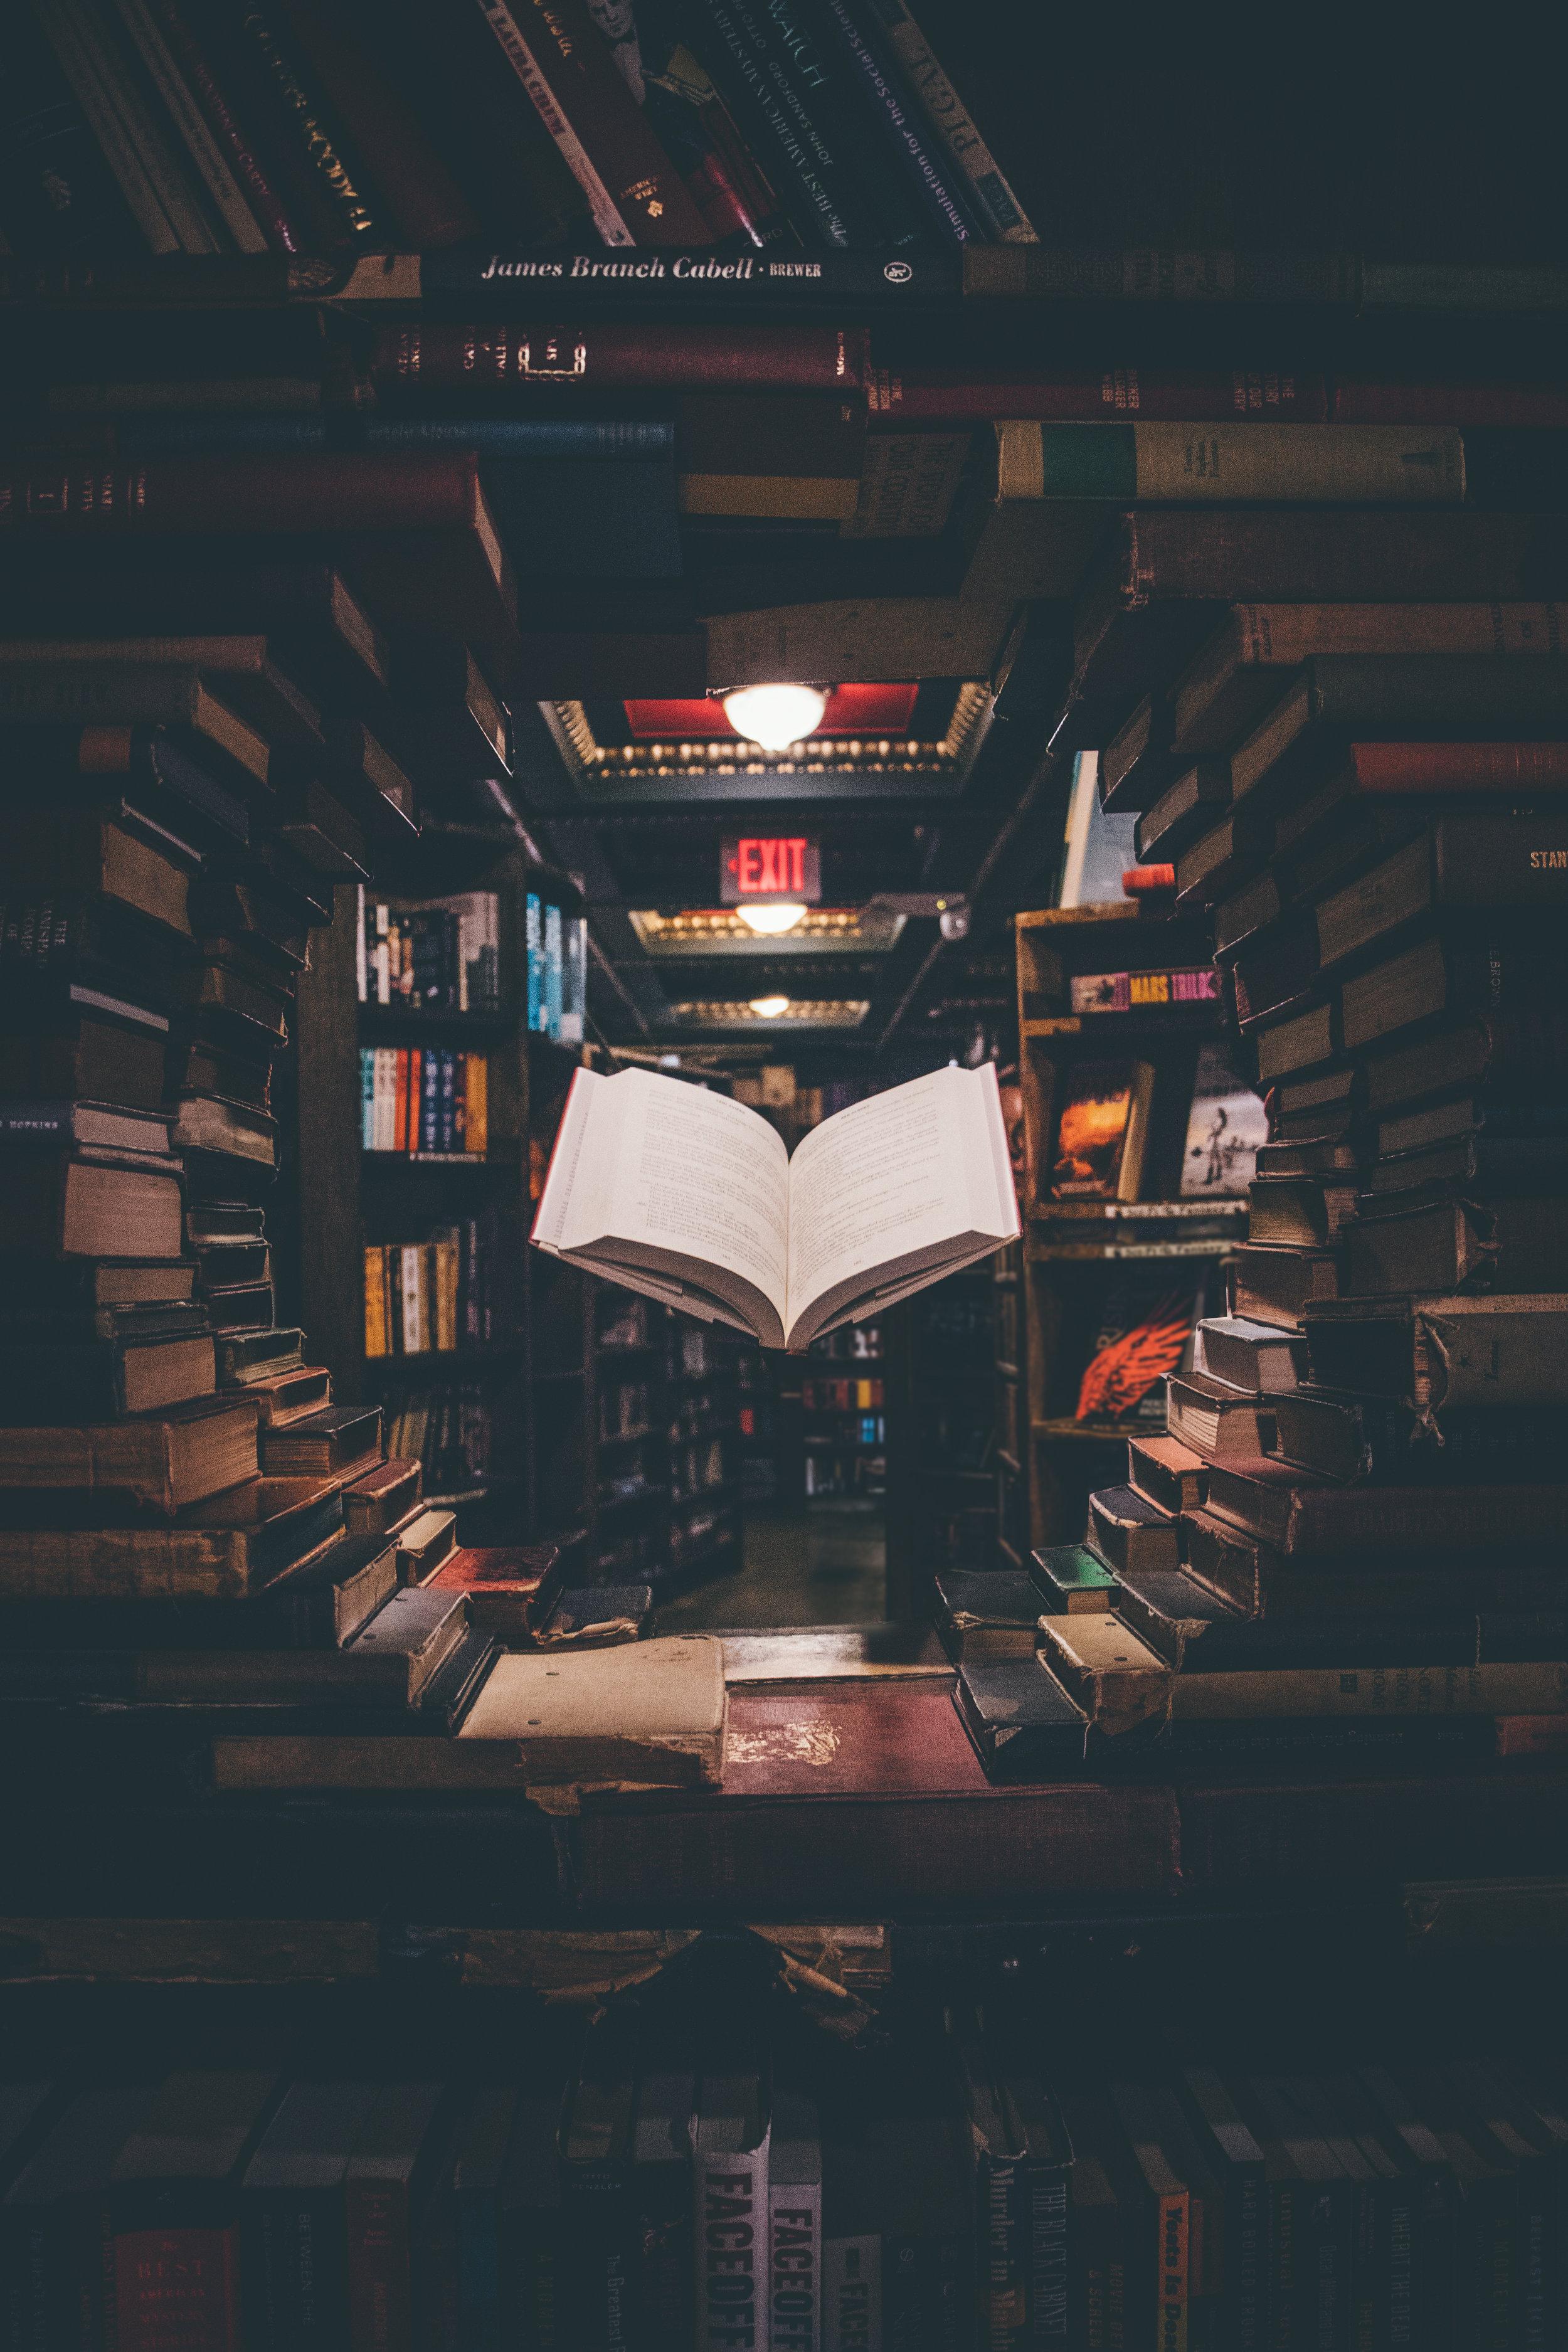 Spooky ghost reading a book! Ahhhhhh!